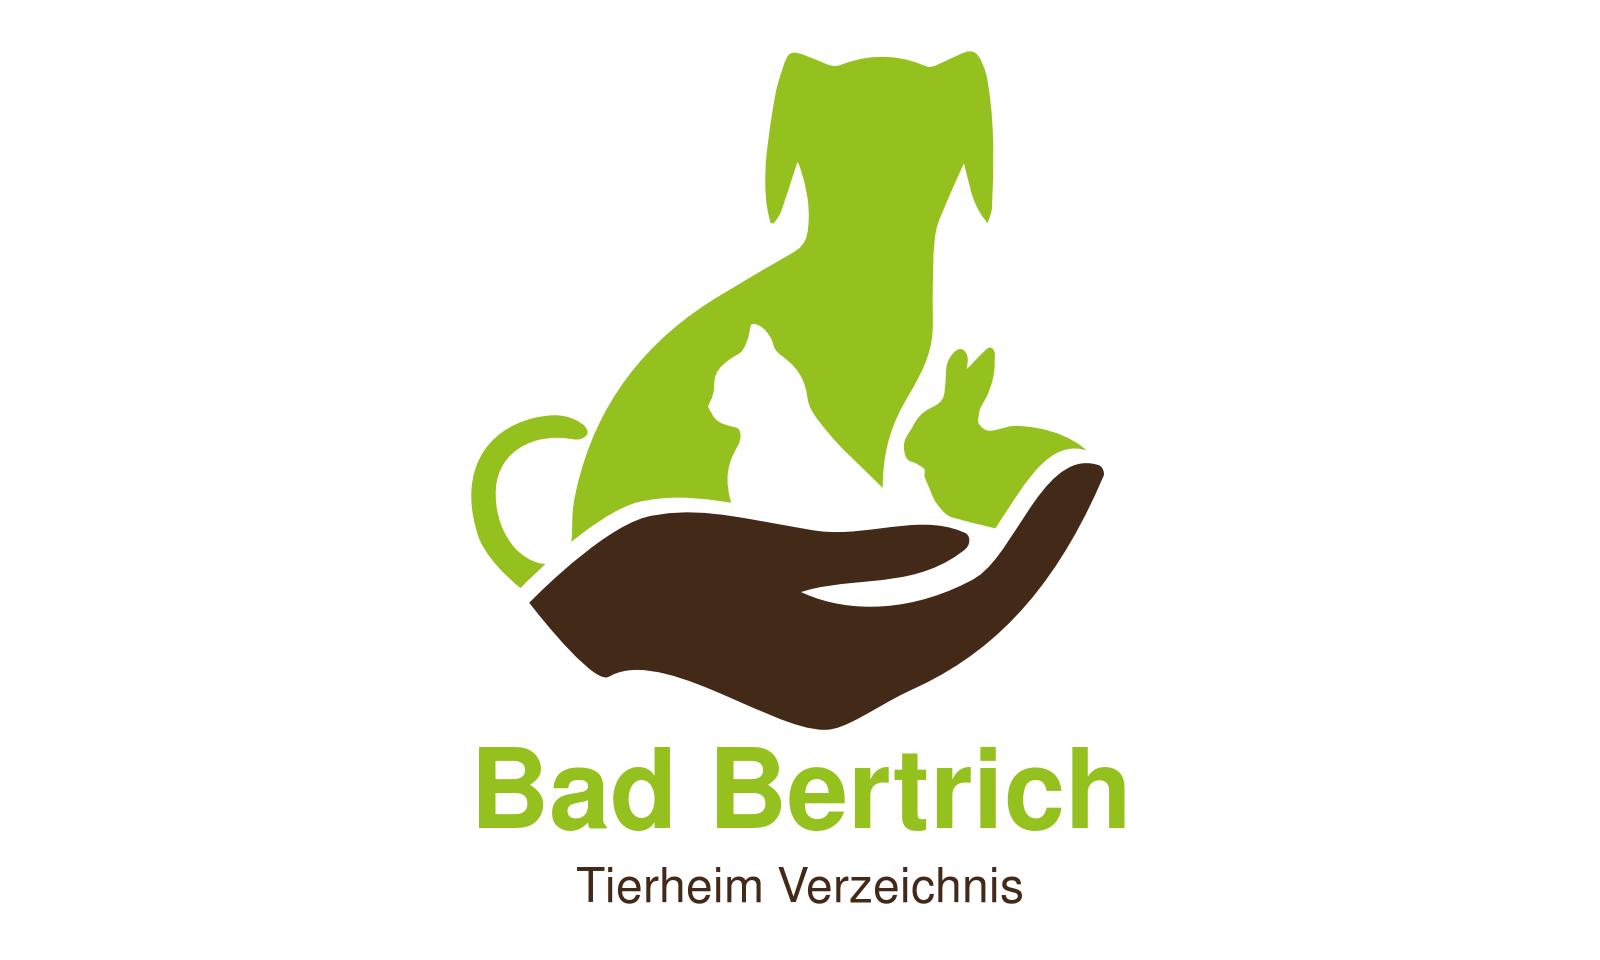 Tierheim Bad Bertrich